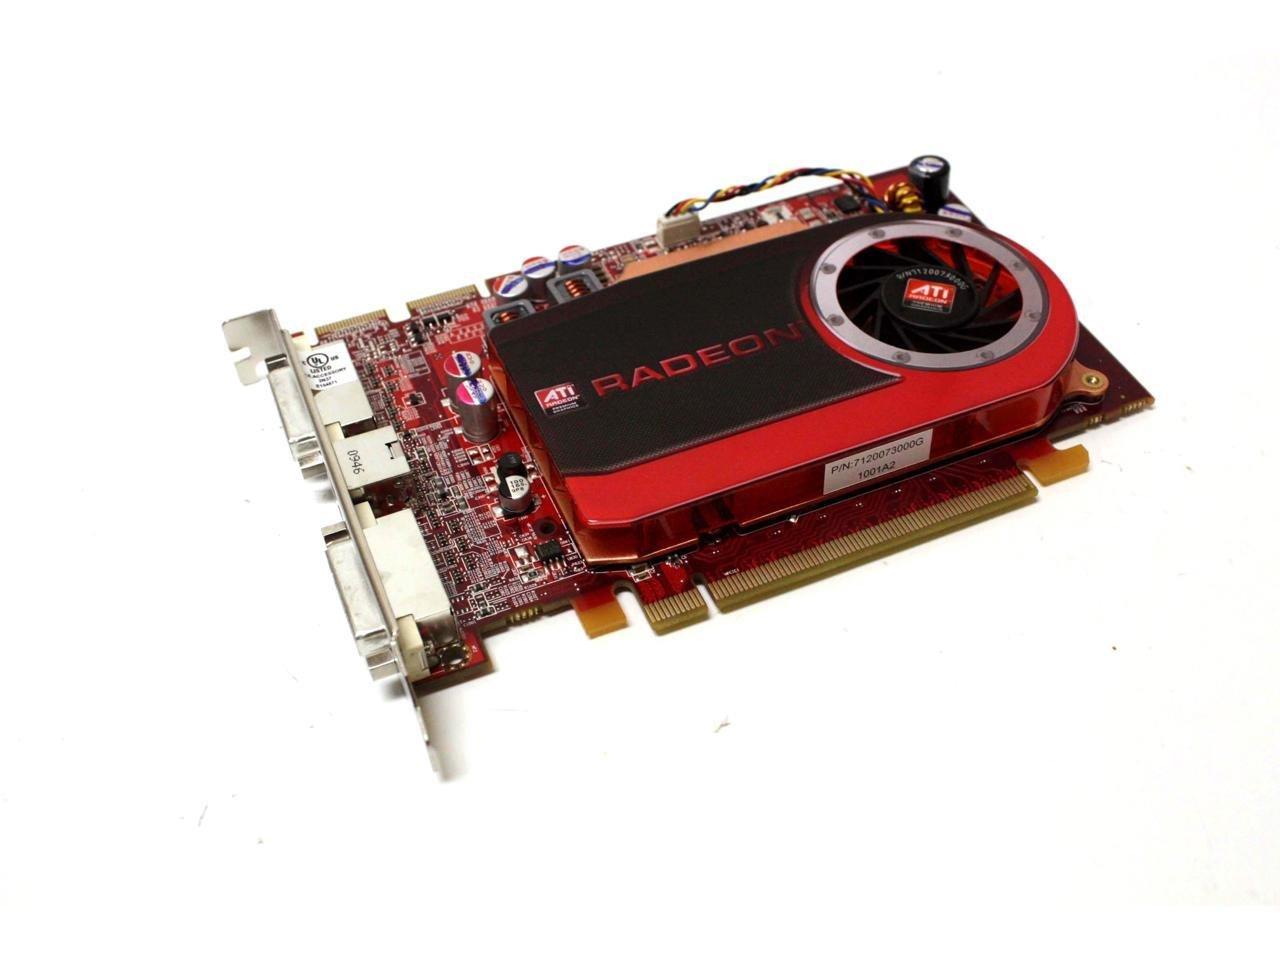 M639J - Video Card ATI Radeon HD4670 512MB GDDR3 PCI-E x16 2xDVI; S-Video Full Height